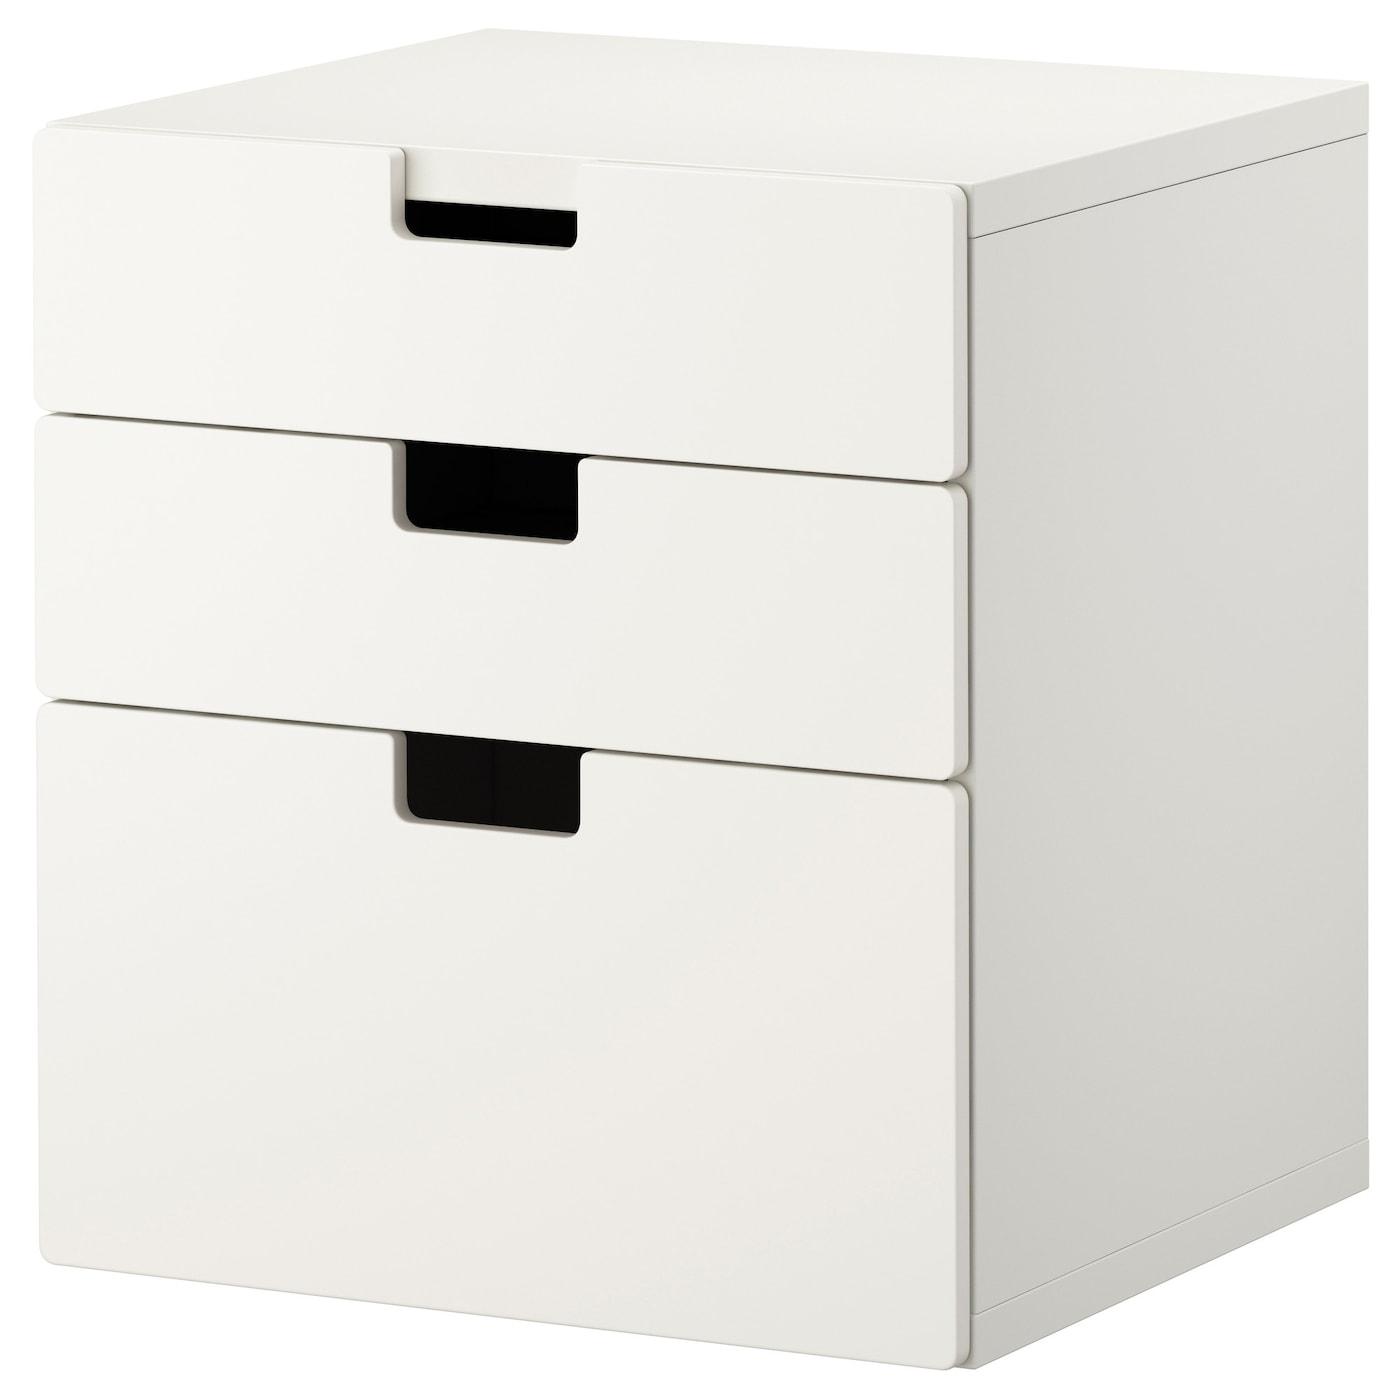 IKEA STUVA / STUVA MÅLAD Komoda, 3 szuflady, biały, biały, 60x64 cm